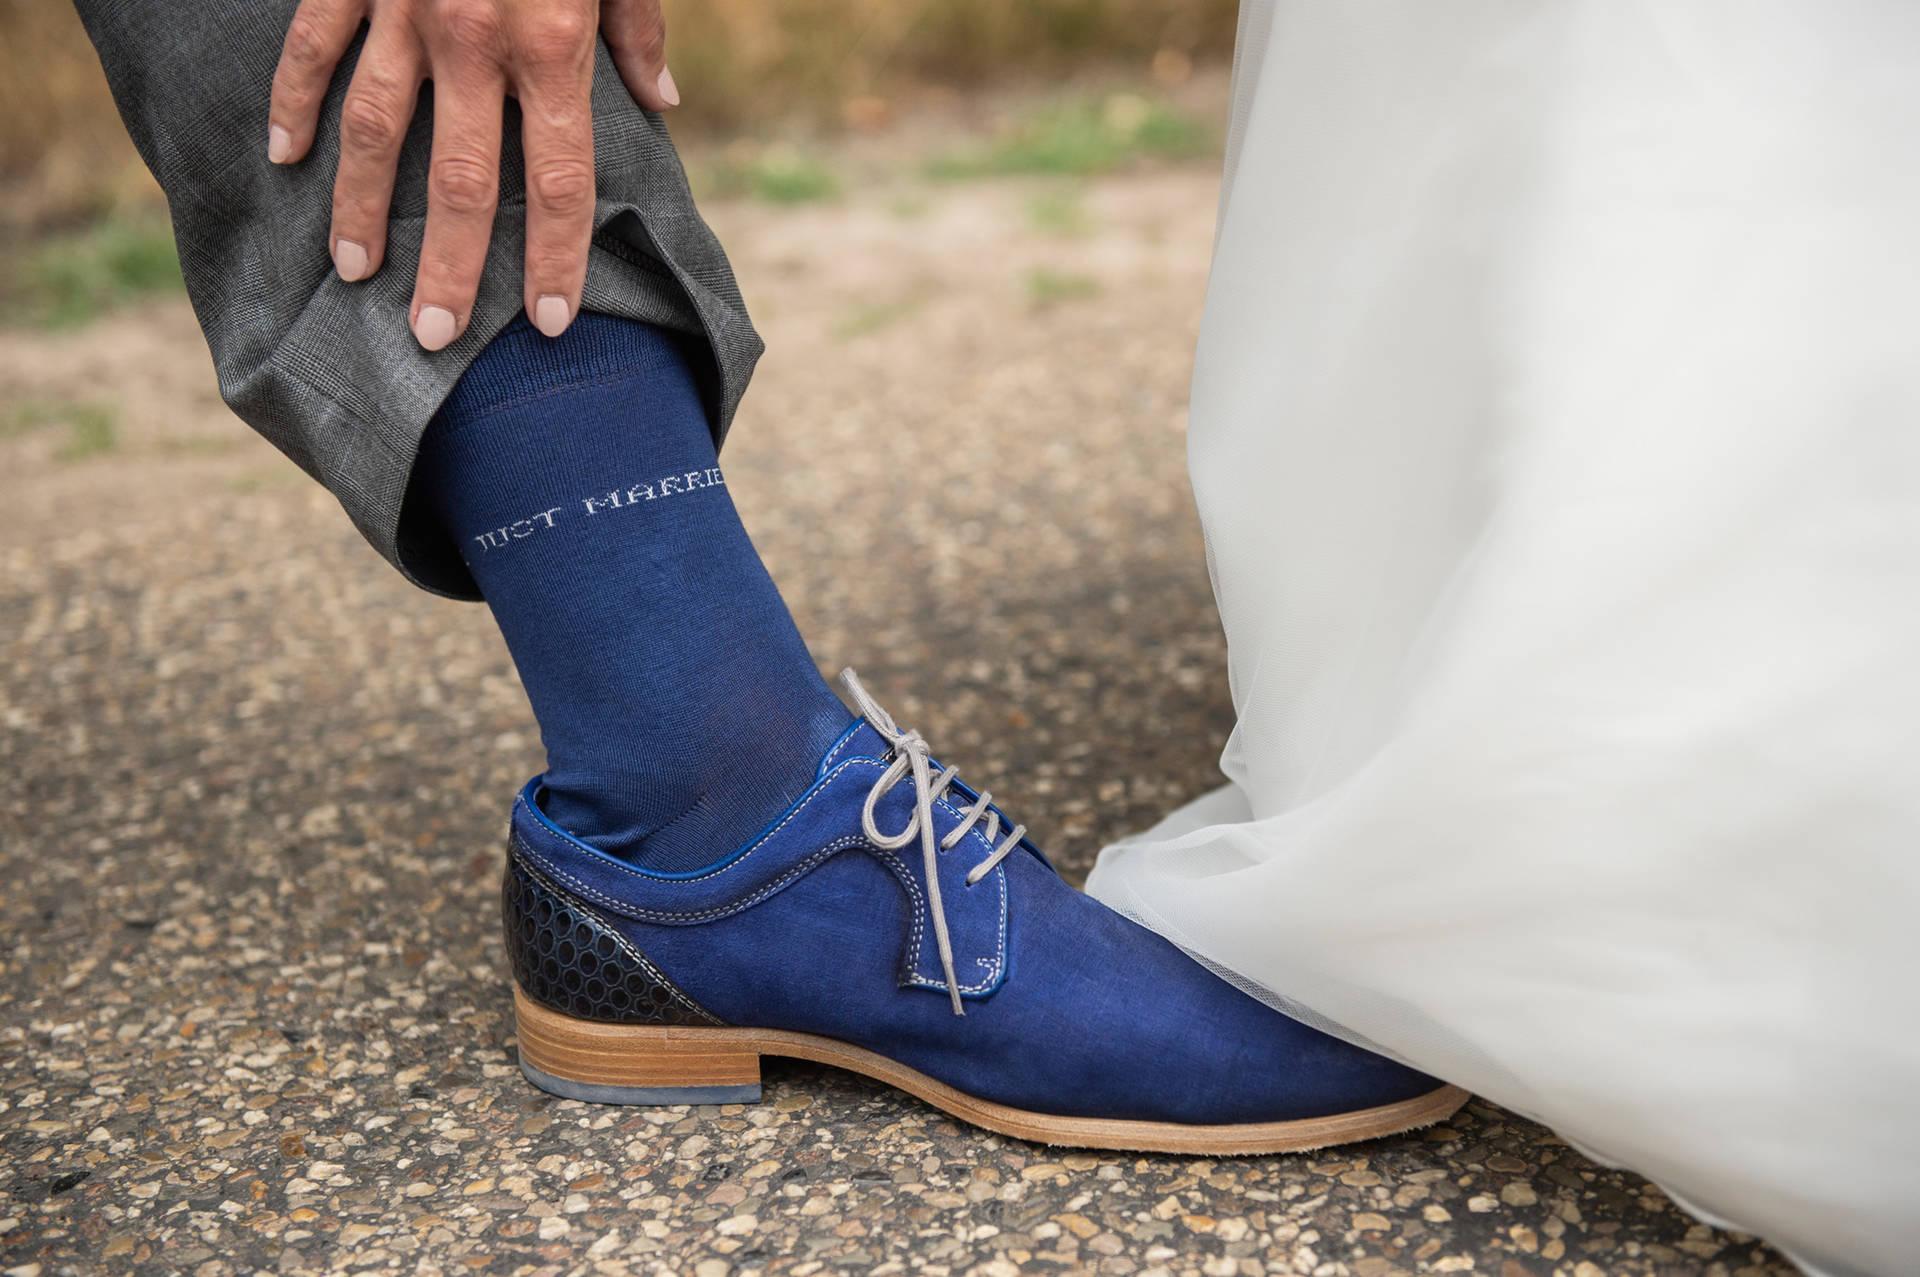 Je kunt ook kiezen voor een trouwpak zonder das